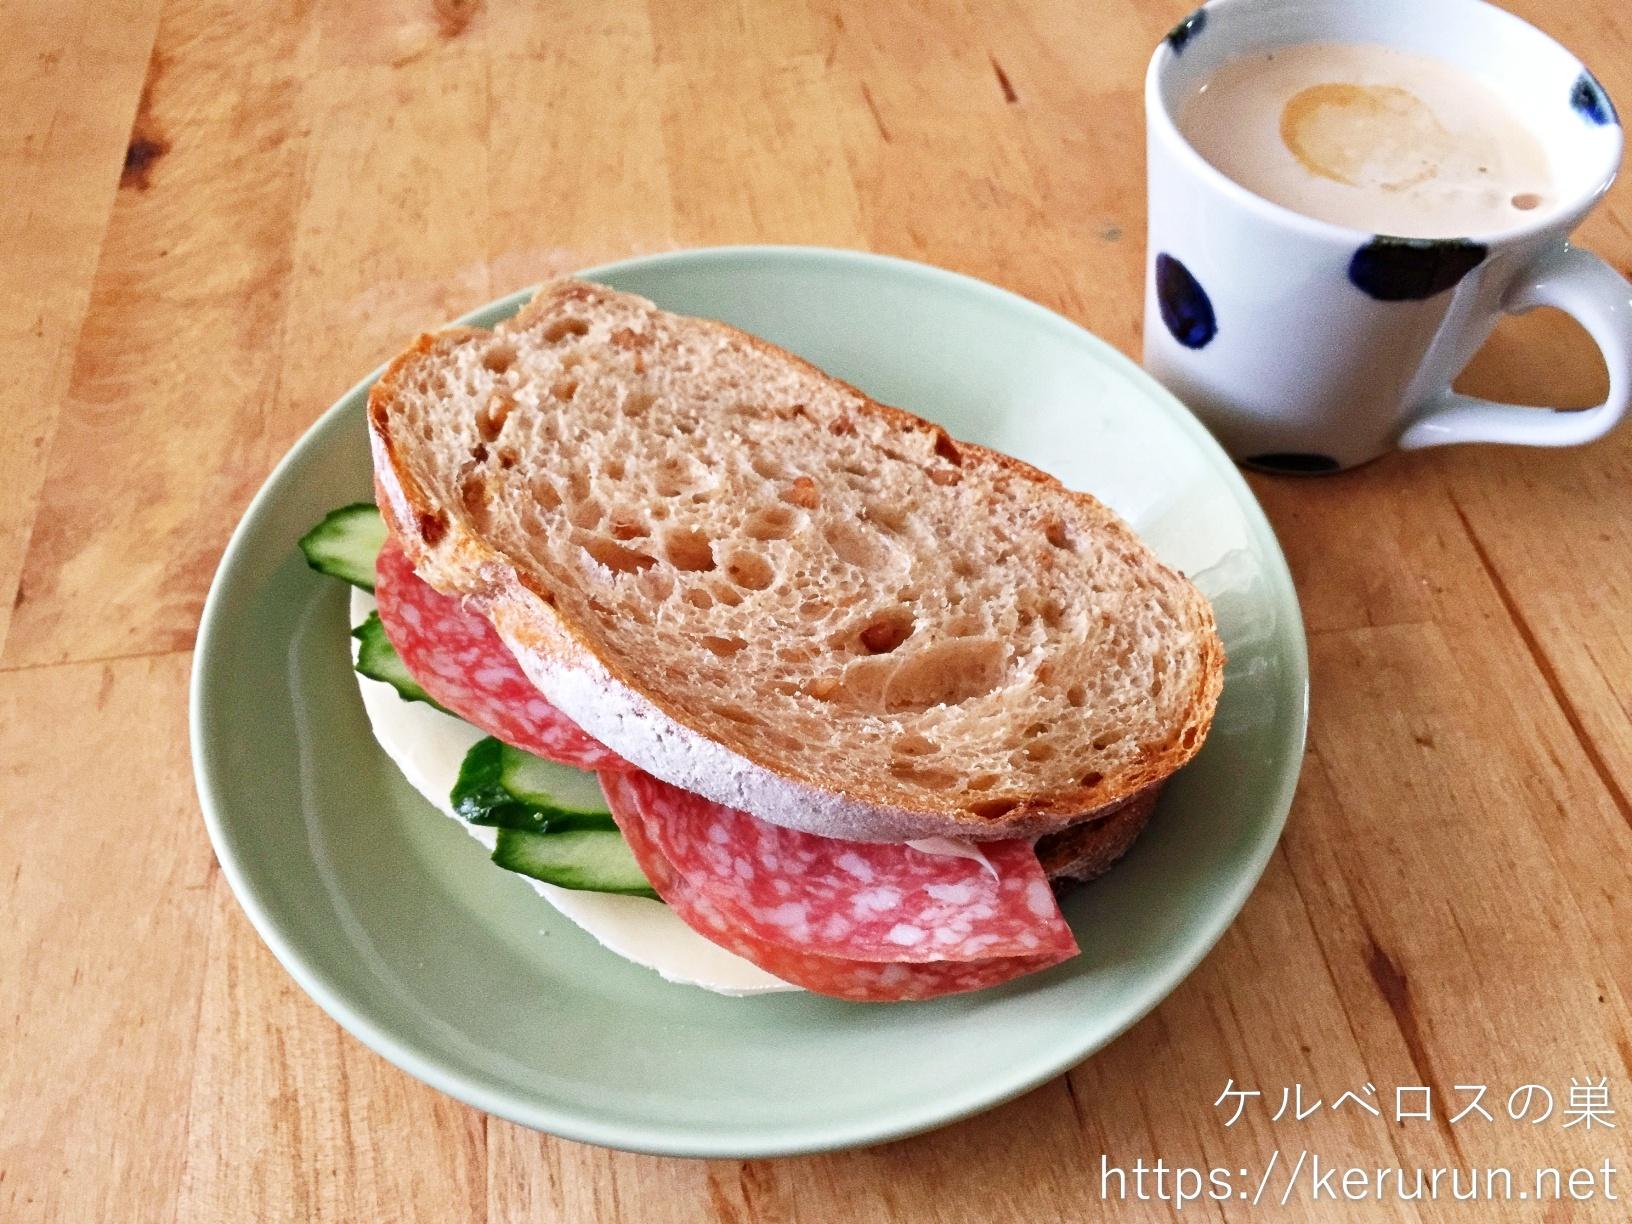 カントリーフレンチライのサンドイッチで朝ごはん